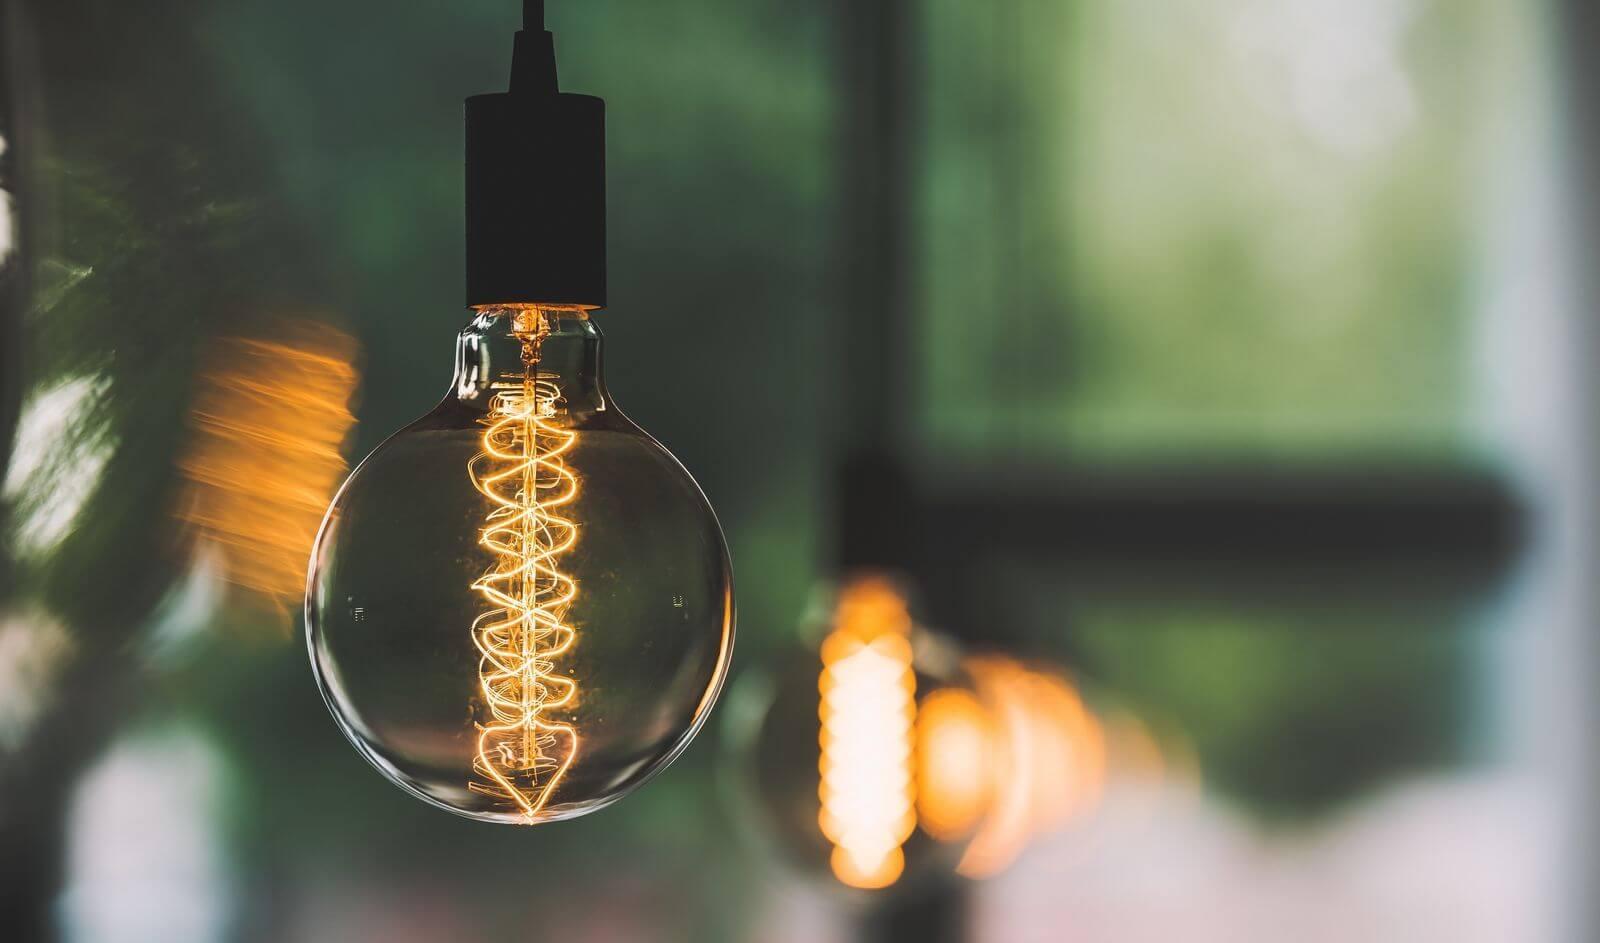 Выбрать температуру освещения для дома и офиса